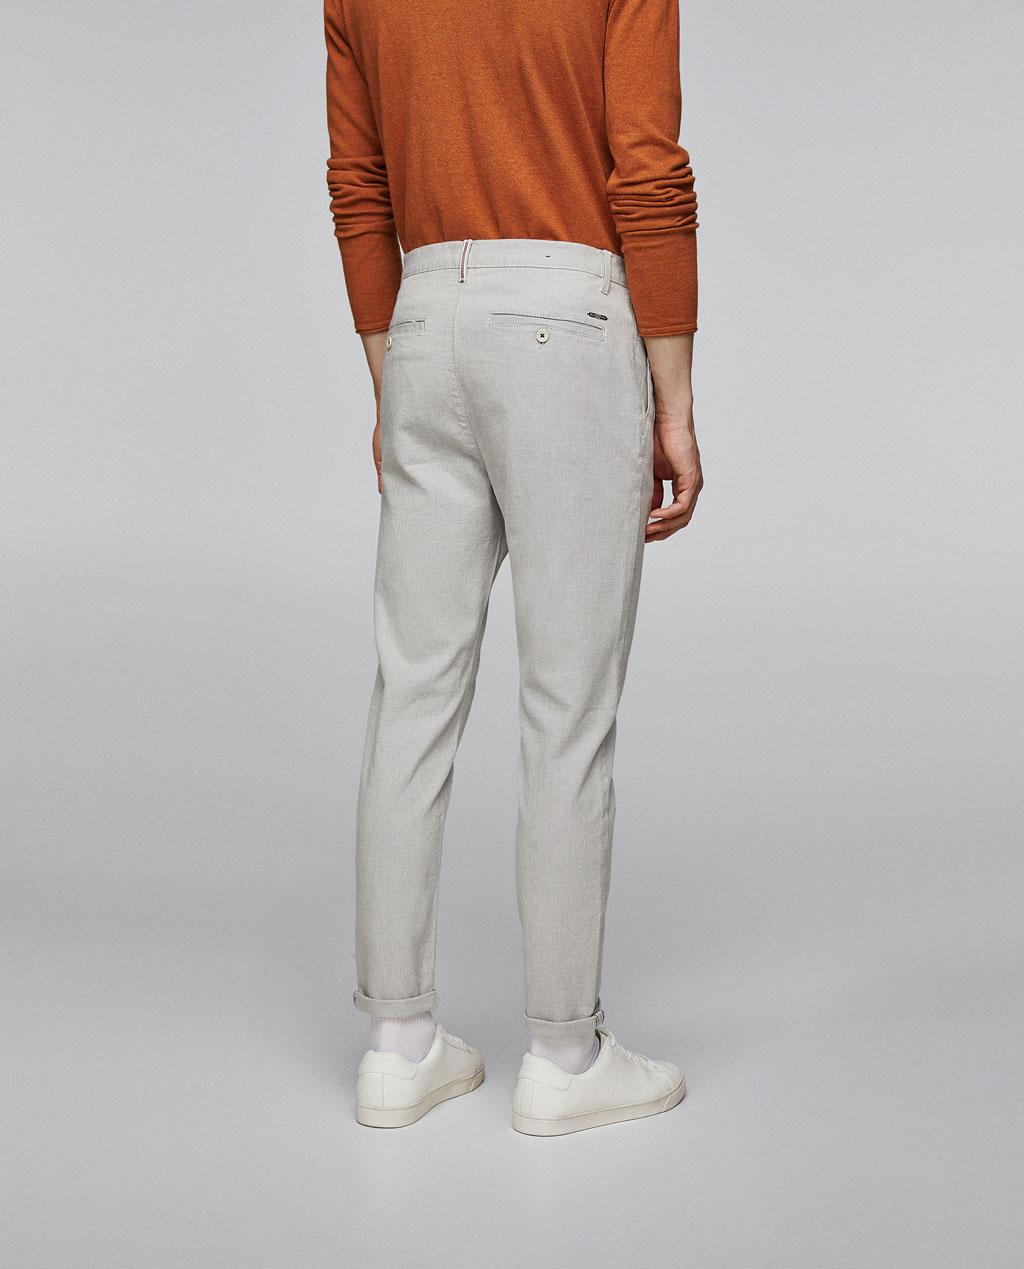 Thời trang nam Zara  23977 - ảnh 5